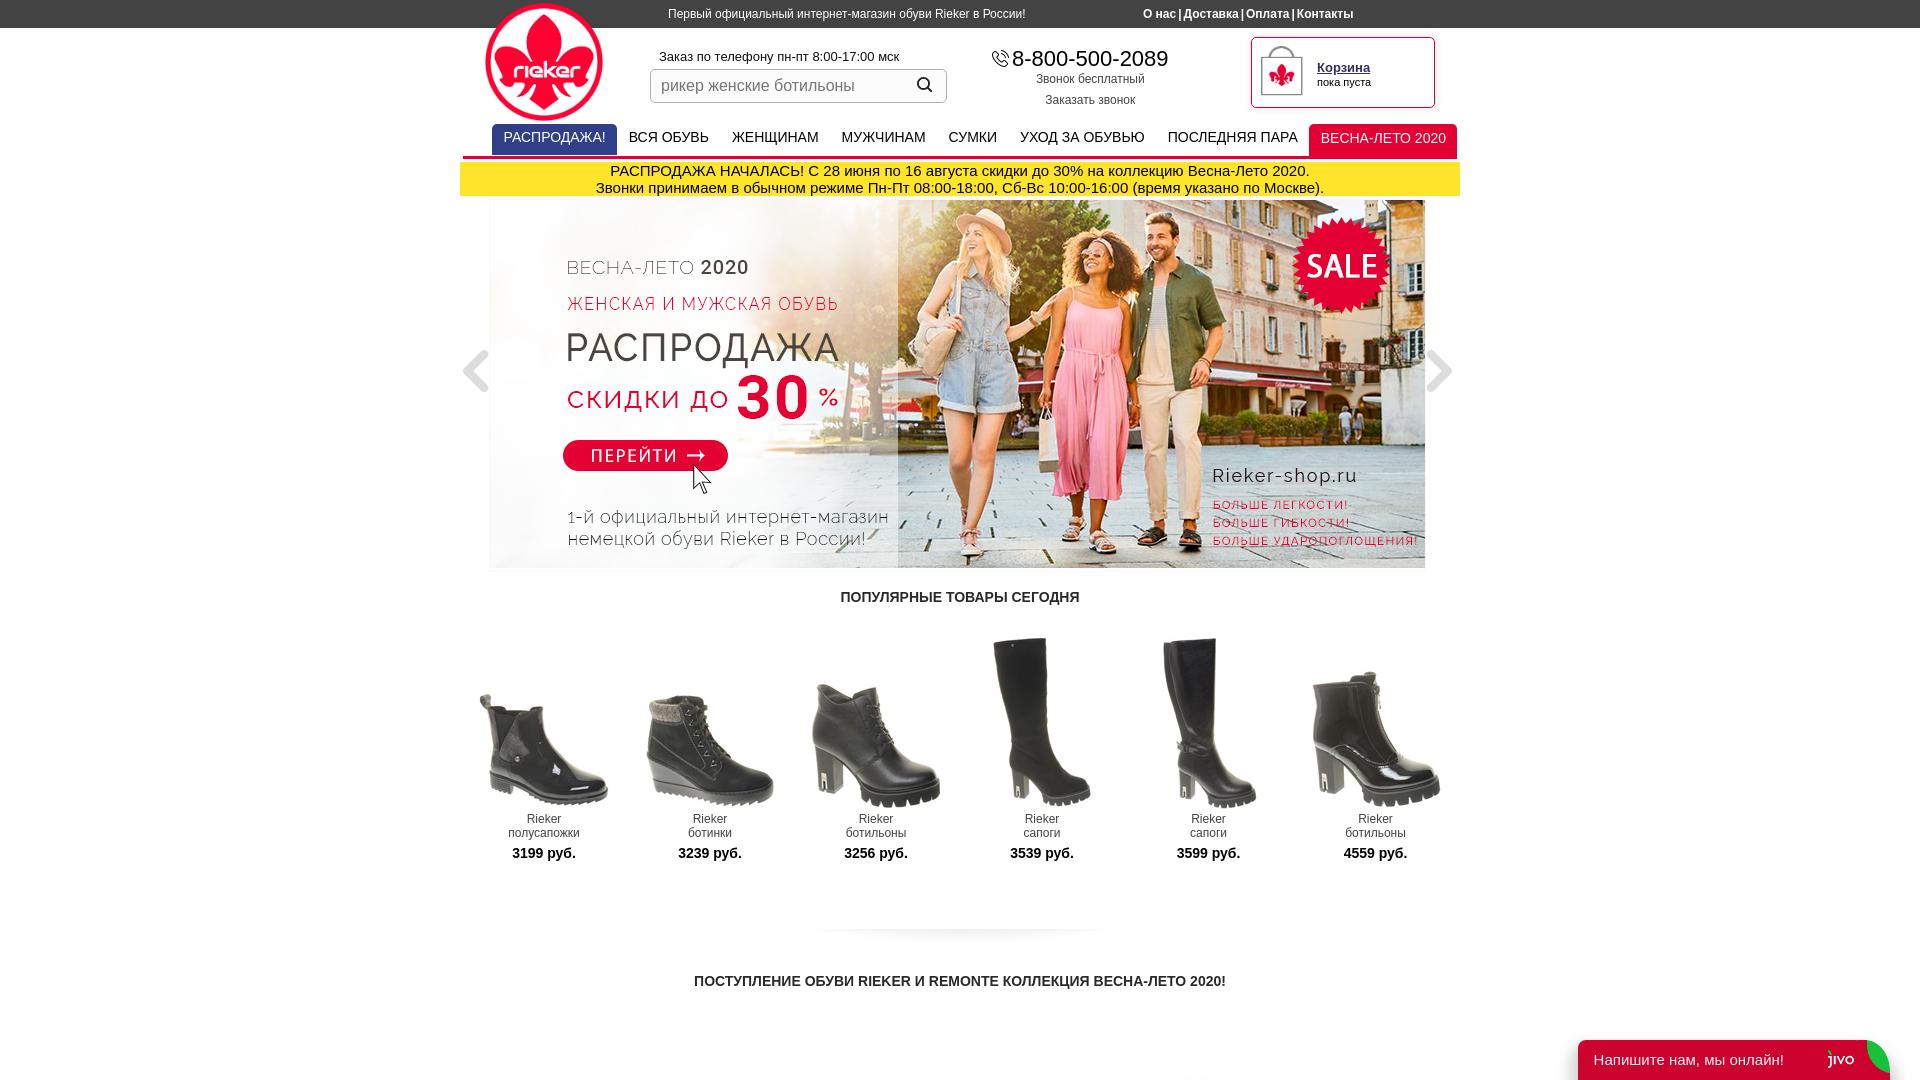 Rieker-shop website